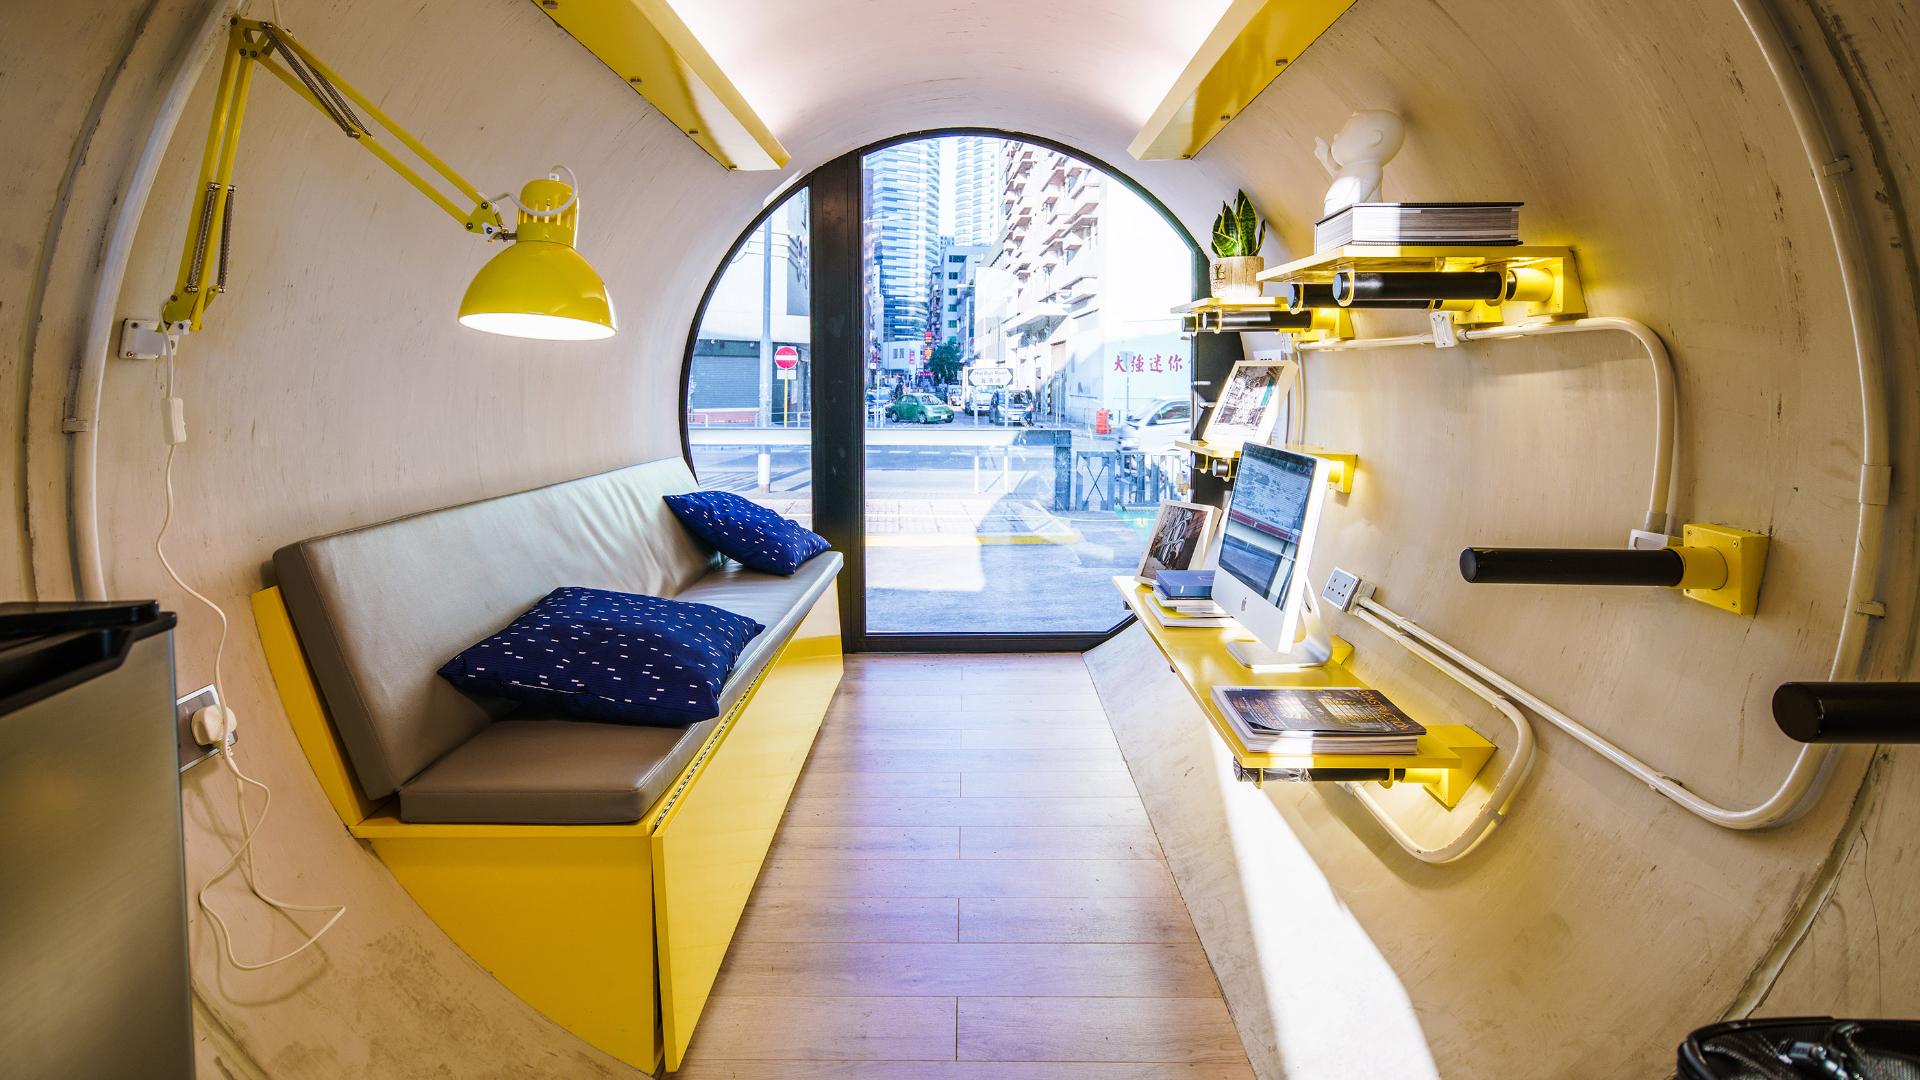 OPod Tube House, Hong Kong